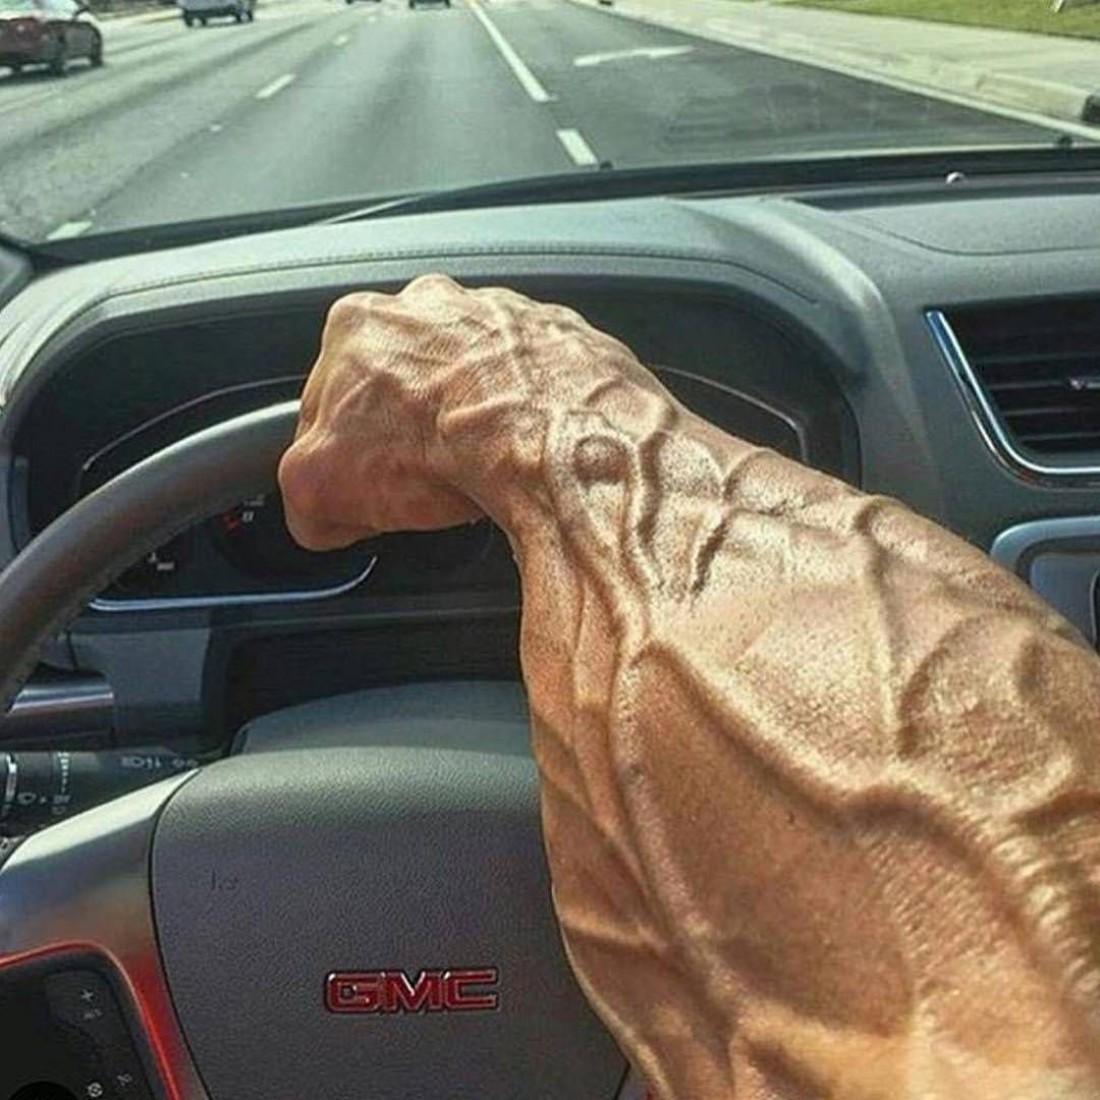 С гидроусилителем твоя машина или без, всегда держи баранку обеими руками